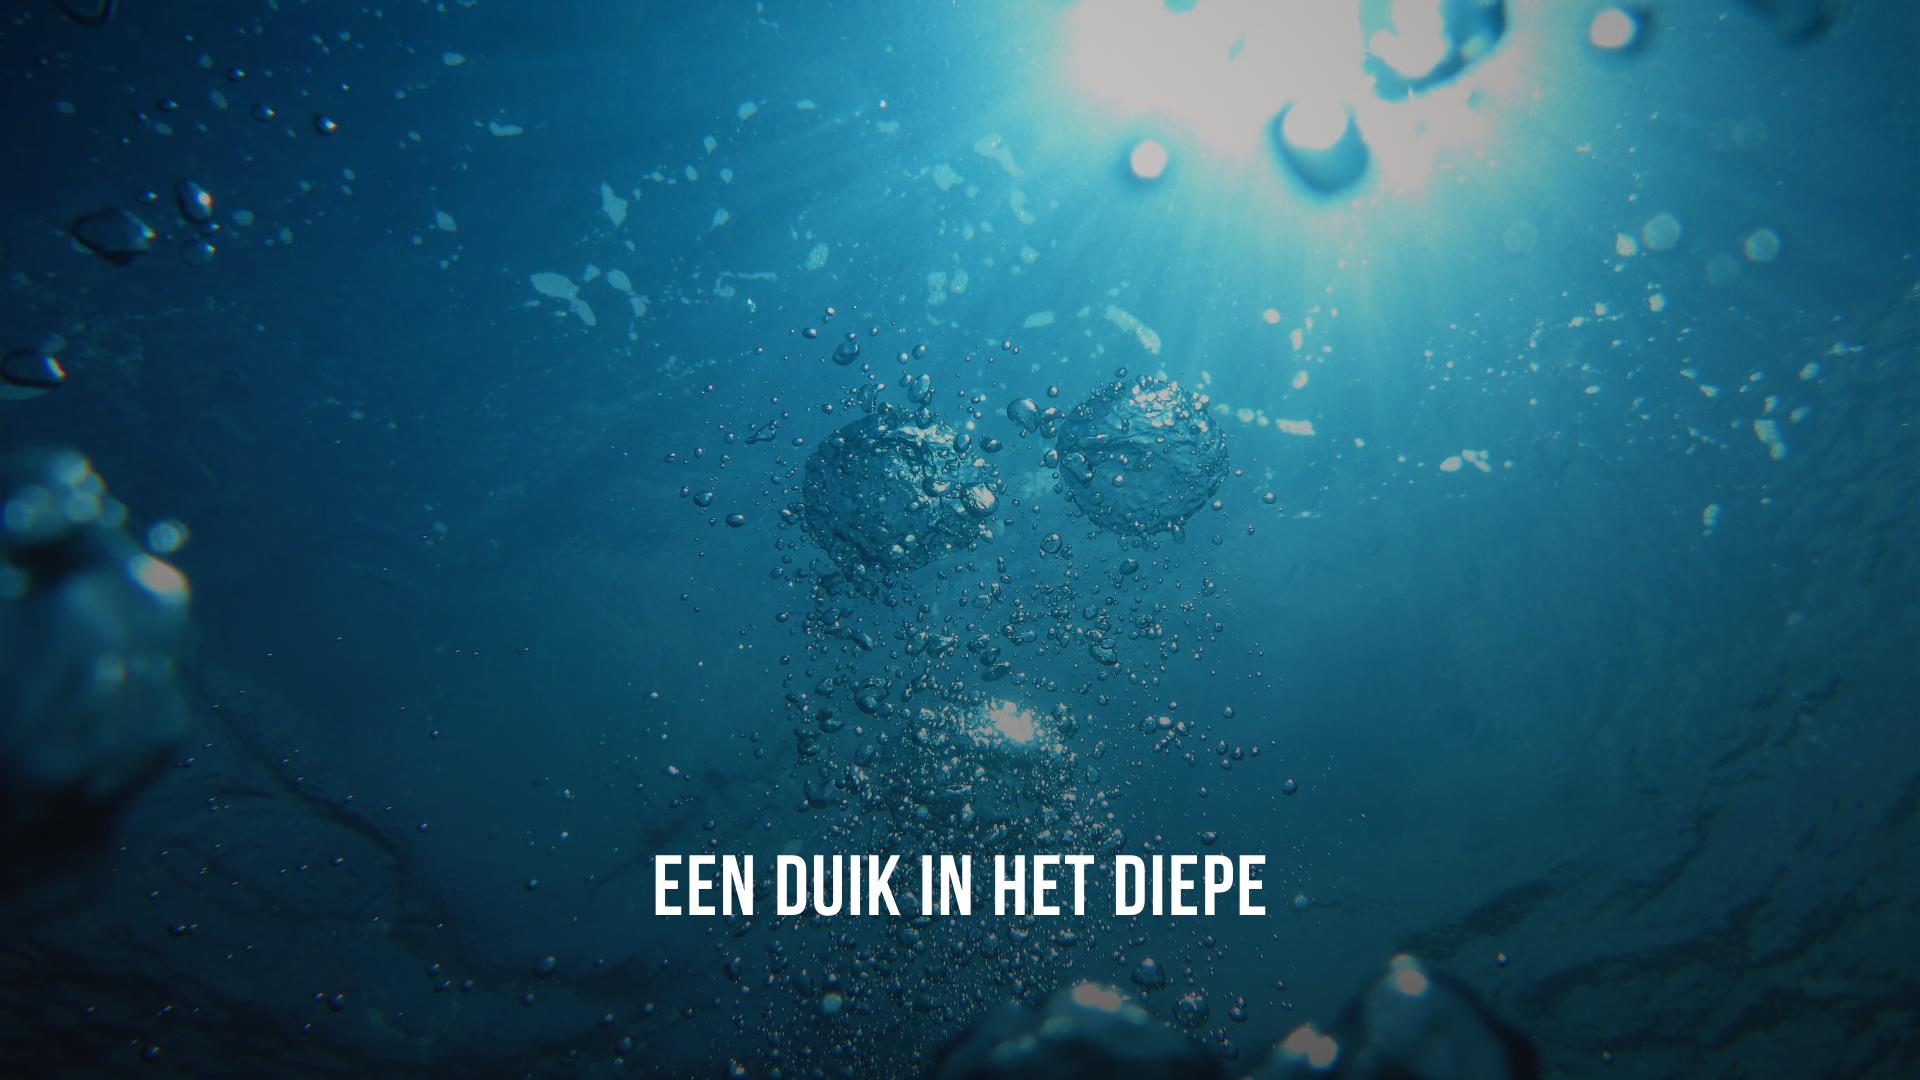 Een duik in het diepe